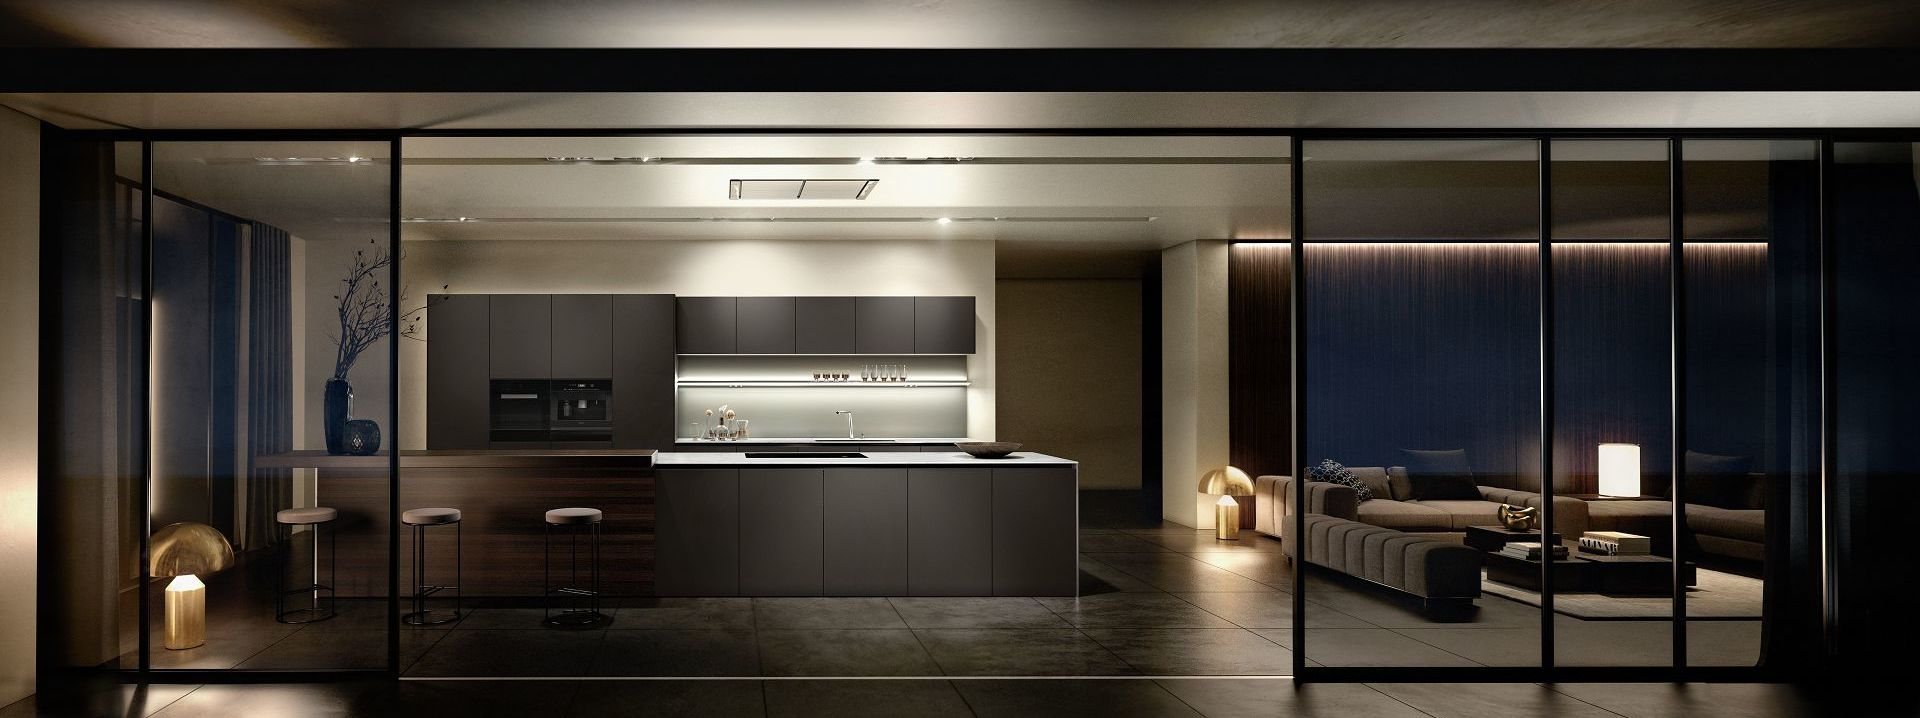 Diseño de primera línea, formas, proporciones y materiales de elegancia intemporal.